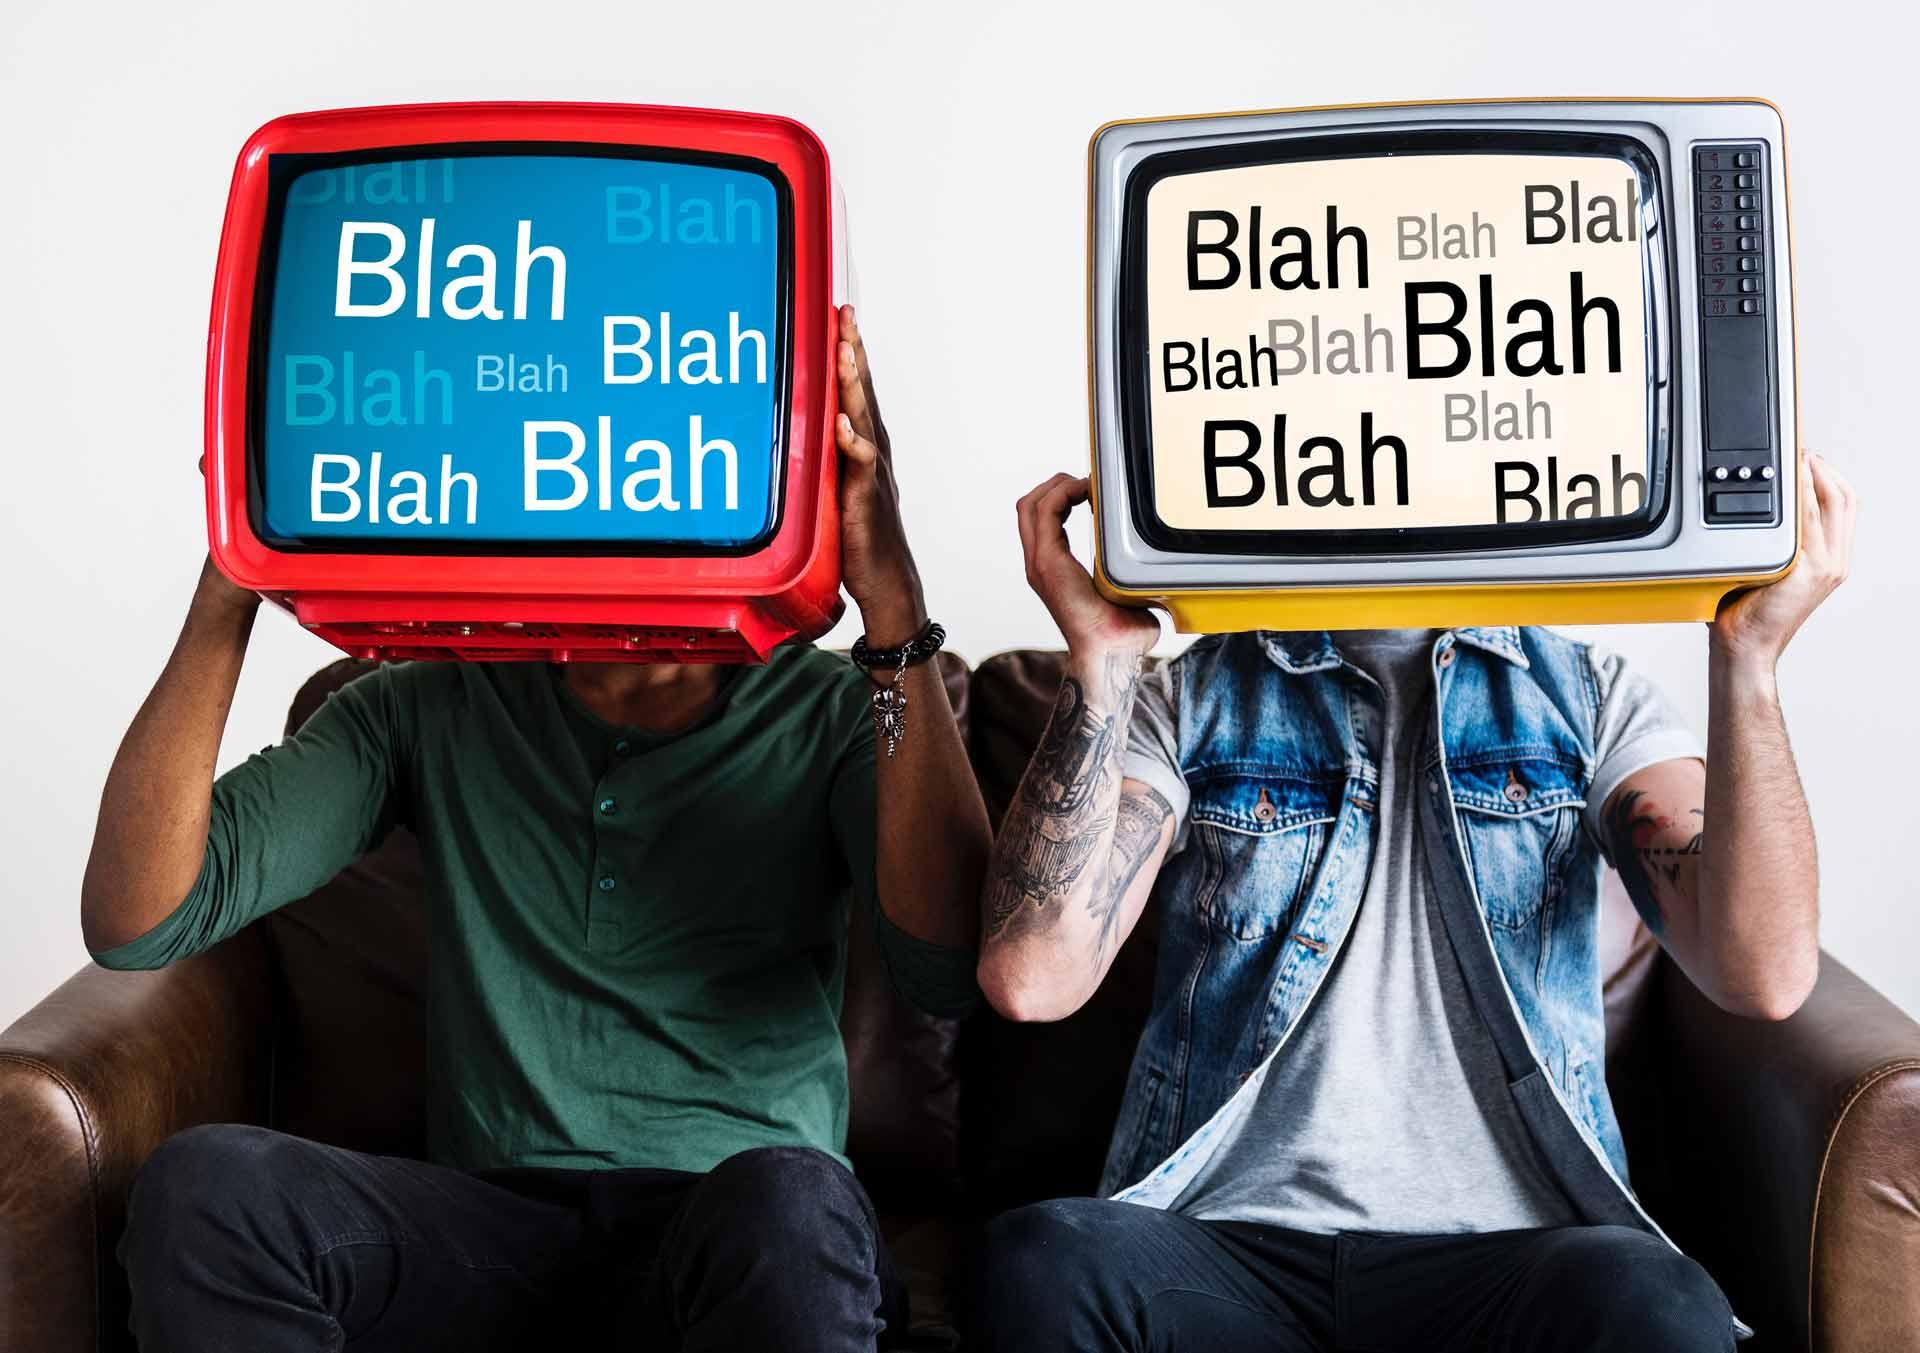 Γιατί βλέπεις ακόμα ελληνική τηλεόραση; - Είμαστε εμείς οι παράξενοι που ζούμε ανάμεσα σας χωρίς να βλέπουμε ελληνική τηλεόραση και παθαίνουμε πολιτισμικό σοκ αν βρεθούμε μπροστά σε οθόνη με ελληνικό κανάλι για λίγη ώρα.